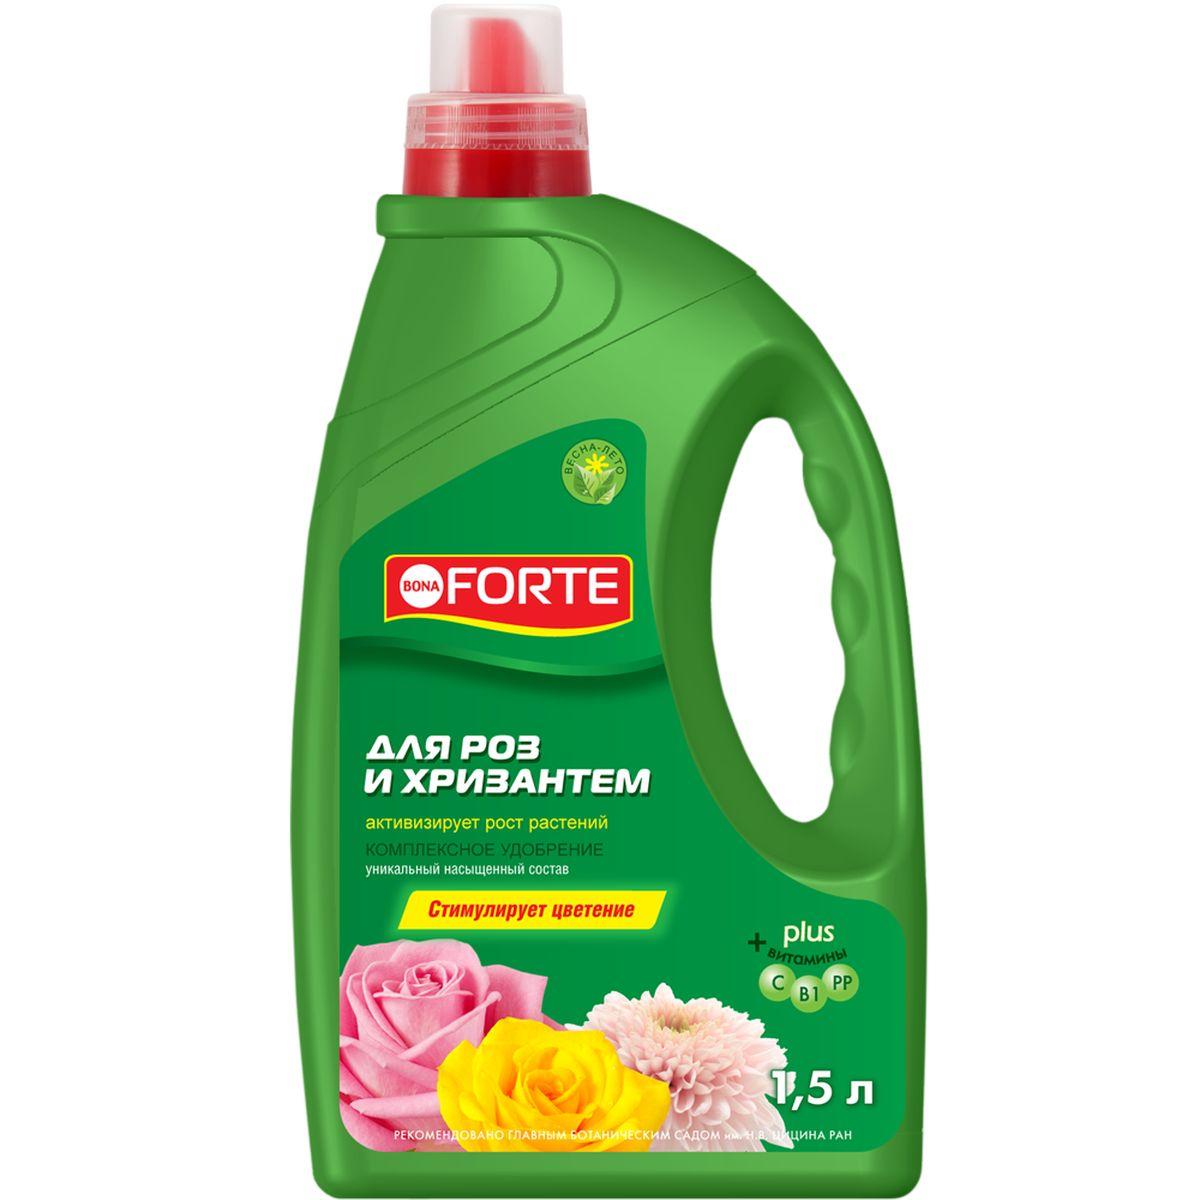 Жидкое комплексное удобрение Bona Forte, для роз и хризантем, 1,5 лBF-21-04-012-1Bona Forte жидкое комплексное удобрениеДля роз и хризантем стимулирует повторную бутонизацию, способствует продолжительному цветению, делает яркими и сочными лепестки соцветий. Содержит полный комплекс веществ, необходимых для полноценного и сбалансированного питания растений:высокая доля (15 %) основных элементов (NPK), обеспечивающих сбалансированное питание роз и хризантем; высокая доля (0,6 %) мезоэлемента (Mg), который способствует образованию сильных красивых цветков, повышает устойчивость к неблагоприятным внешним условиям и обеспечивает длительное цветение растений; комплекс основных микроэлементов в хелатной форме, что способствует полному их усвоению и пролонгированному действию; комплекс витаминов для поддержания и укрепления иммунной системы растений; регулятор роста для стимулирования роста роз и хризантем.